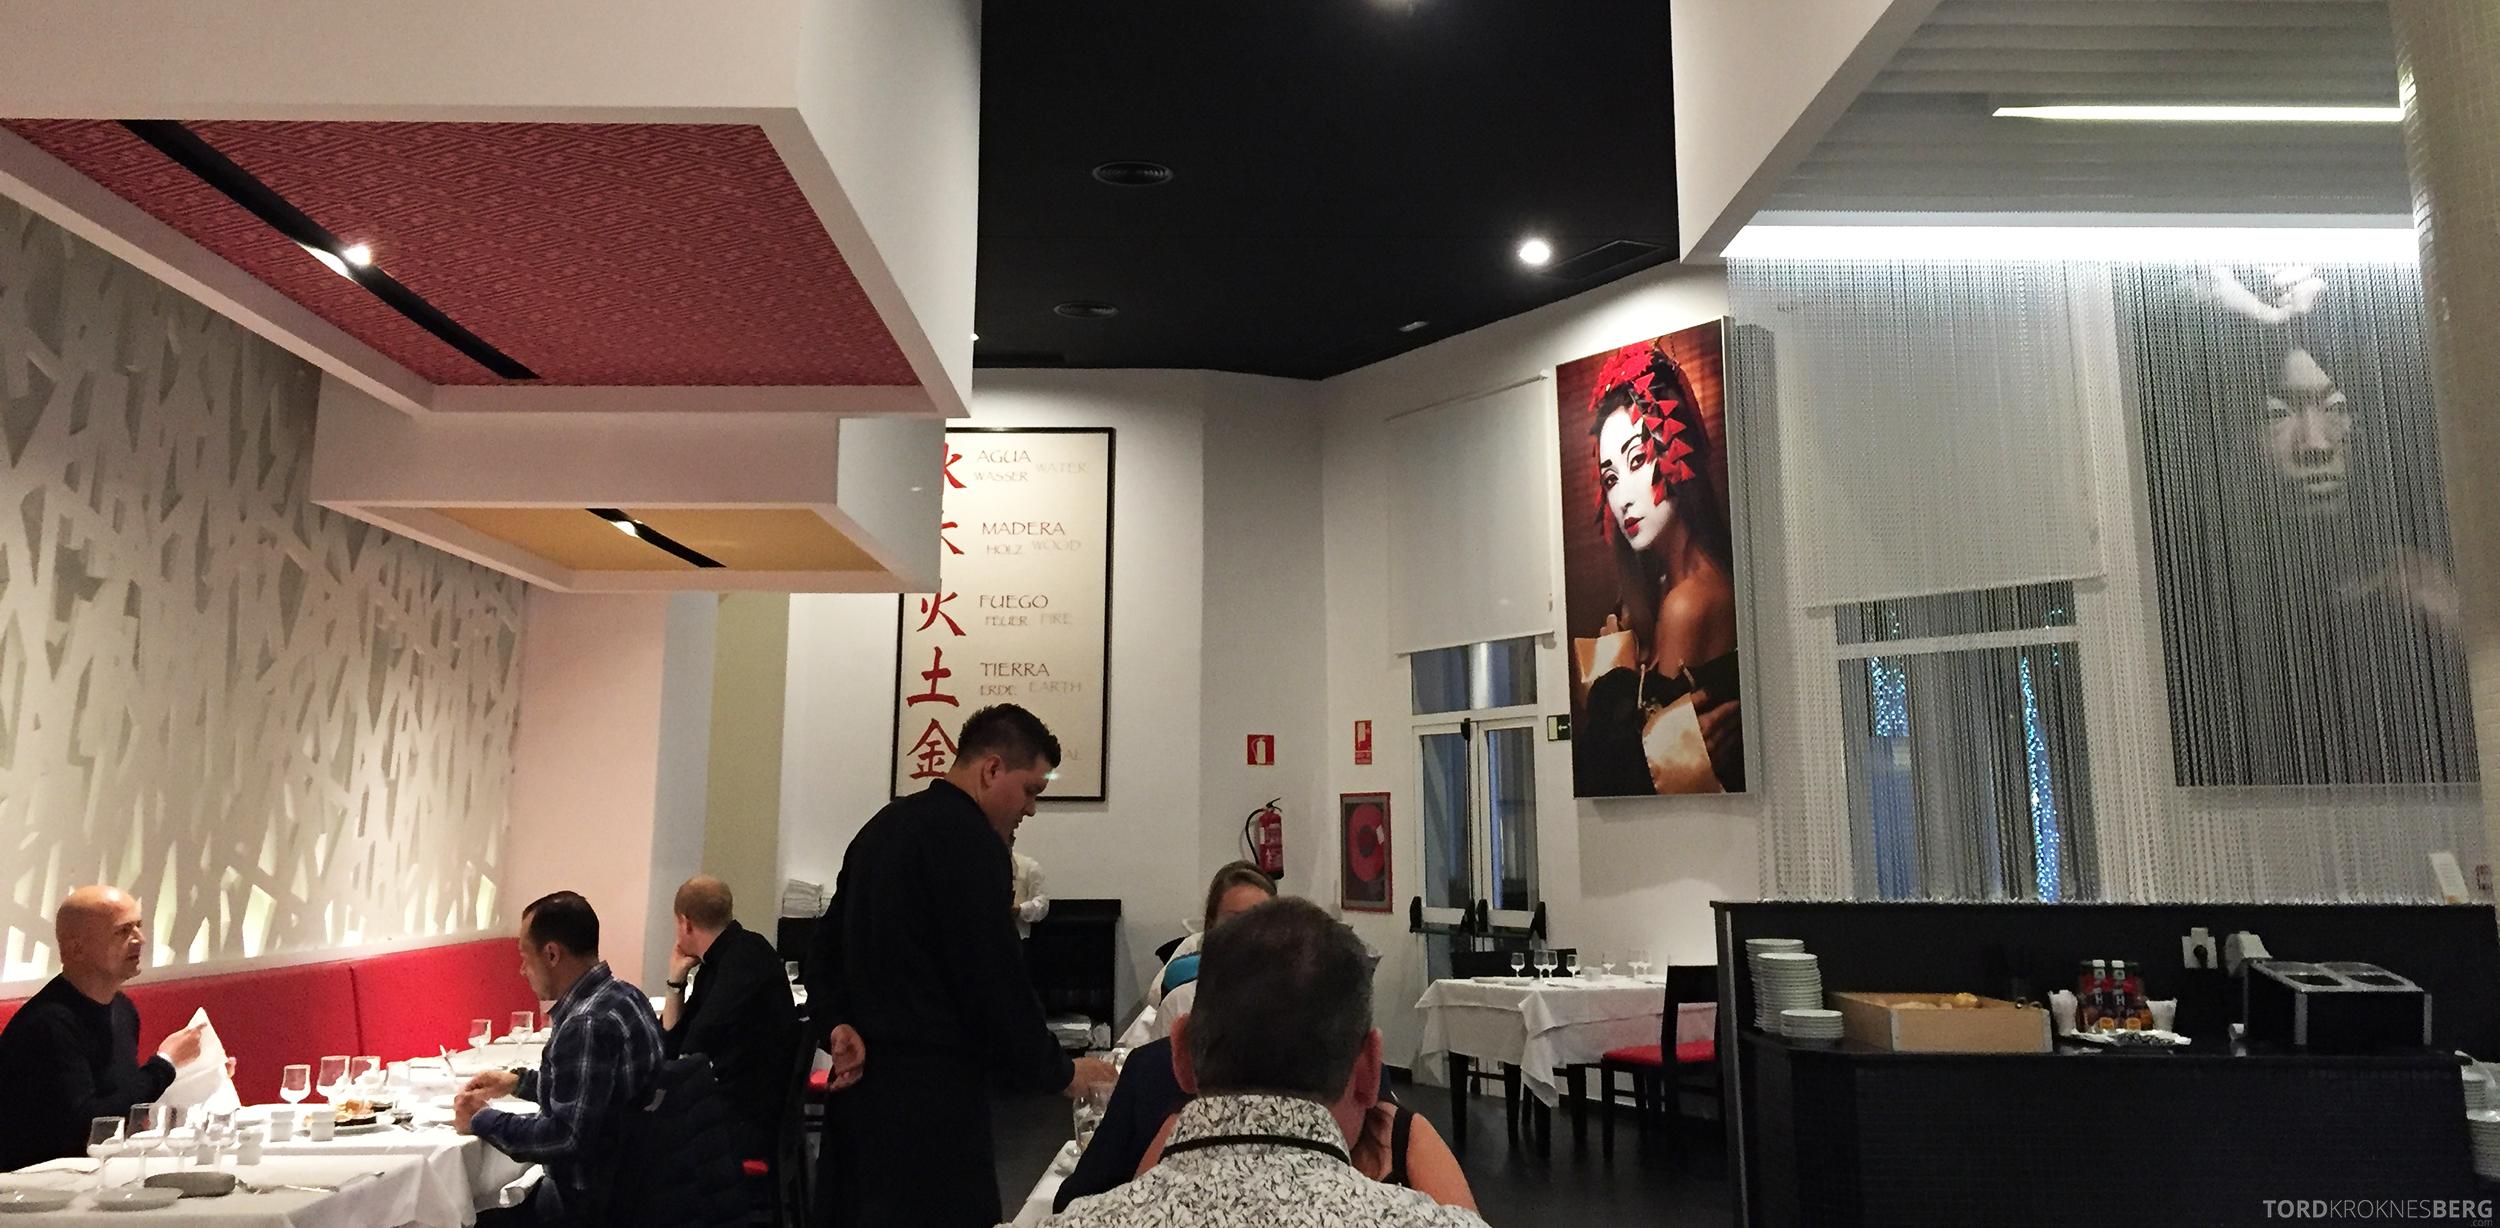 ClubHotel RIU Gran Canaria restaurant Kaori